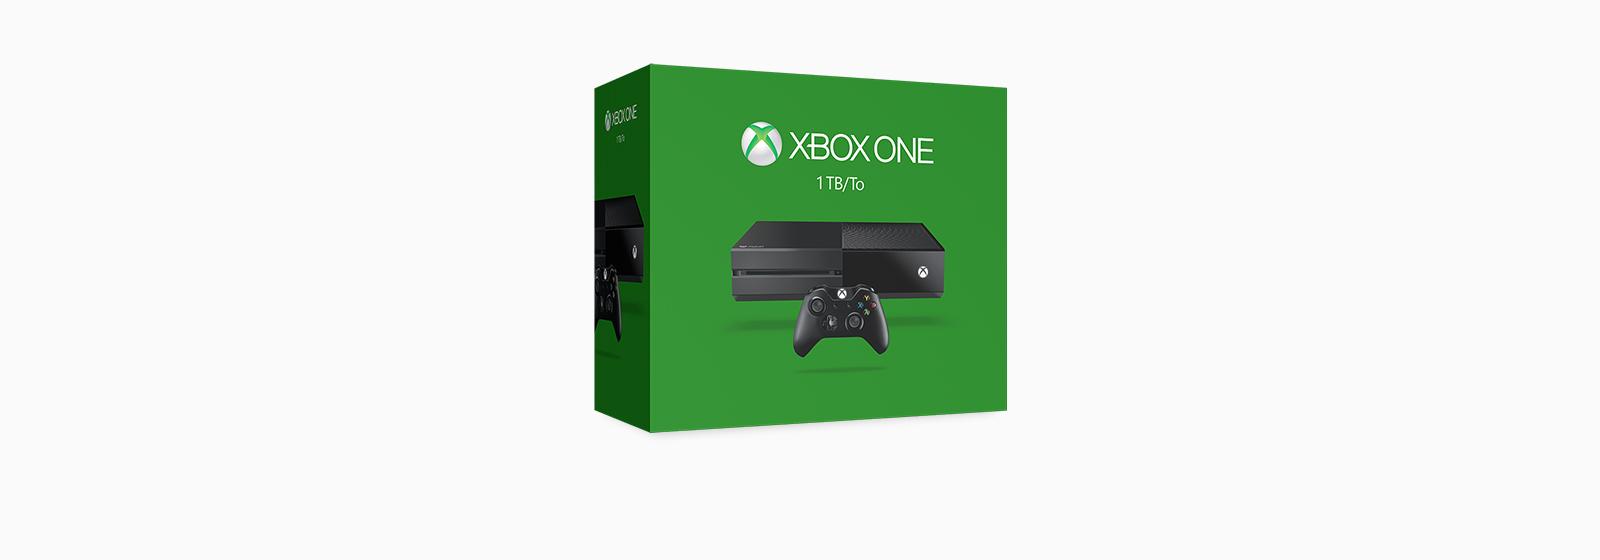 Les om den nye Xbox-konsollen med 1TB.